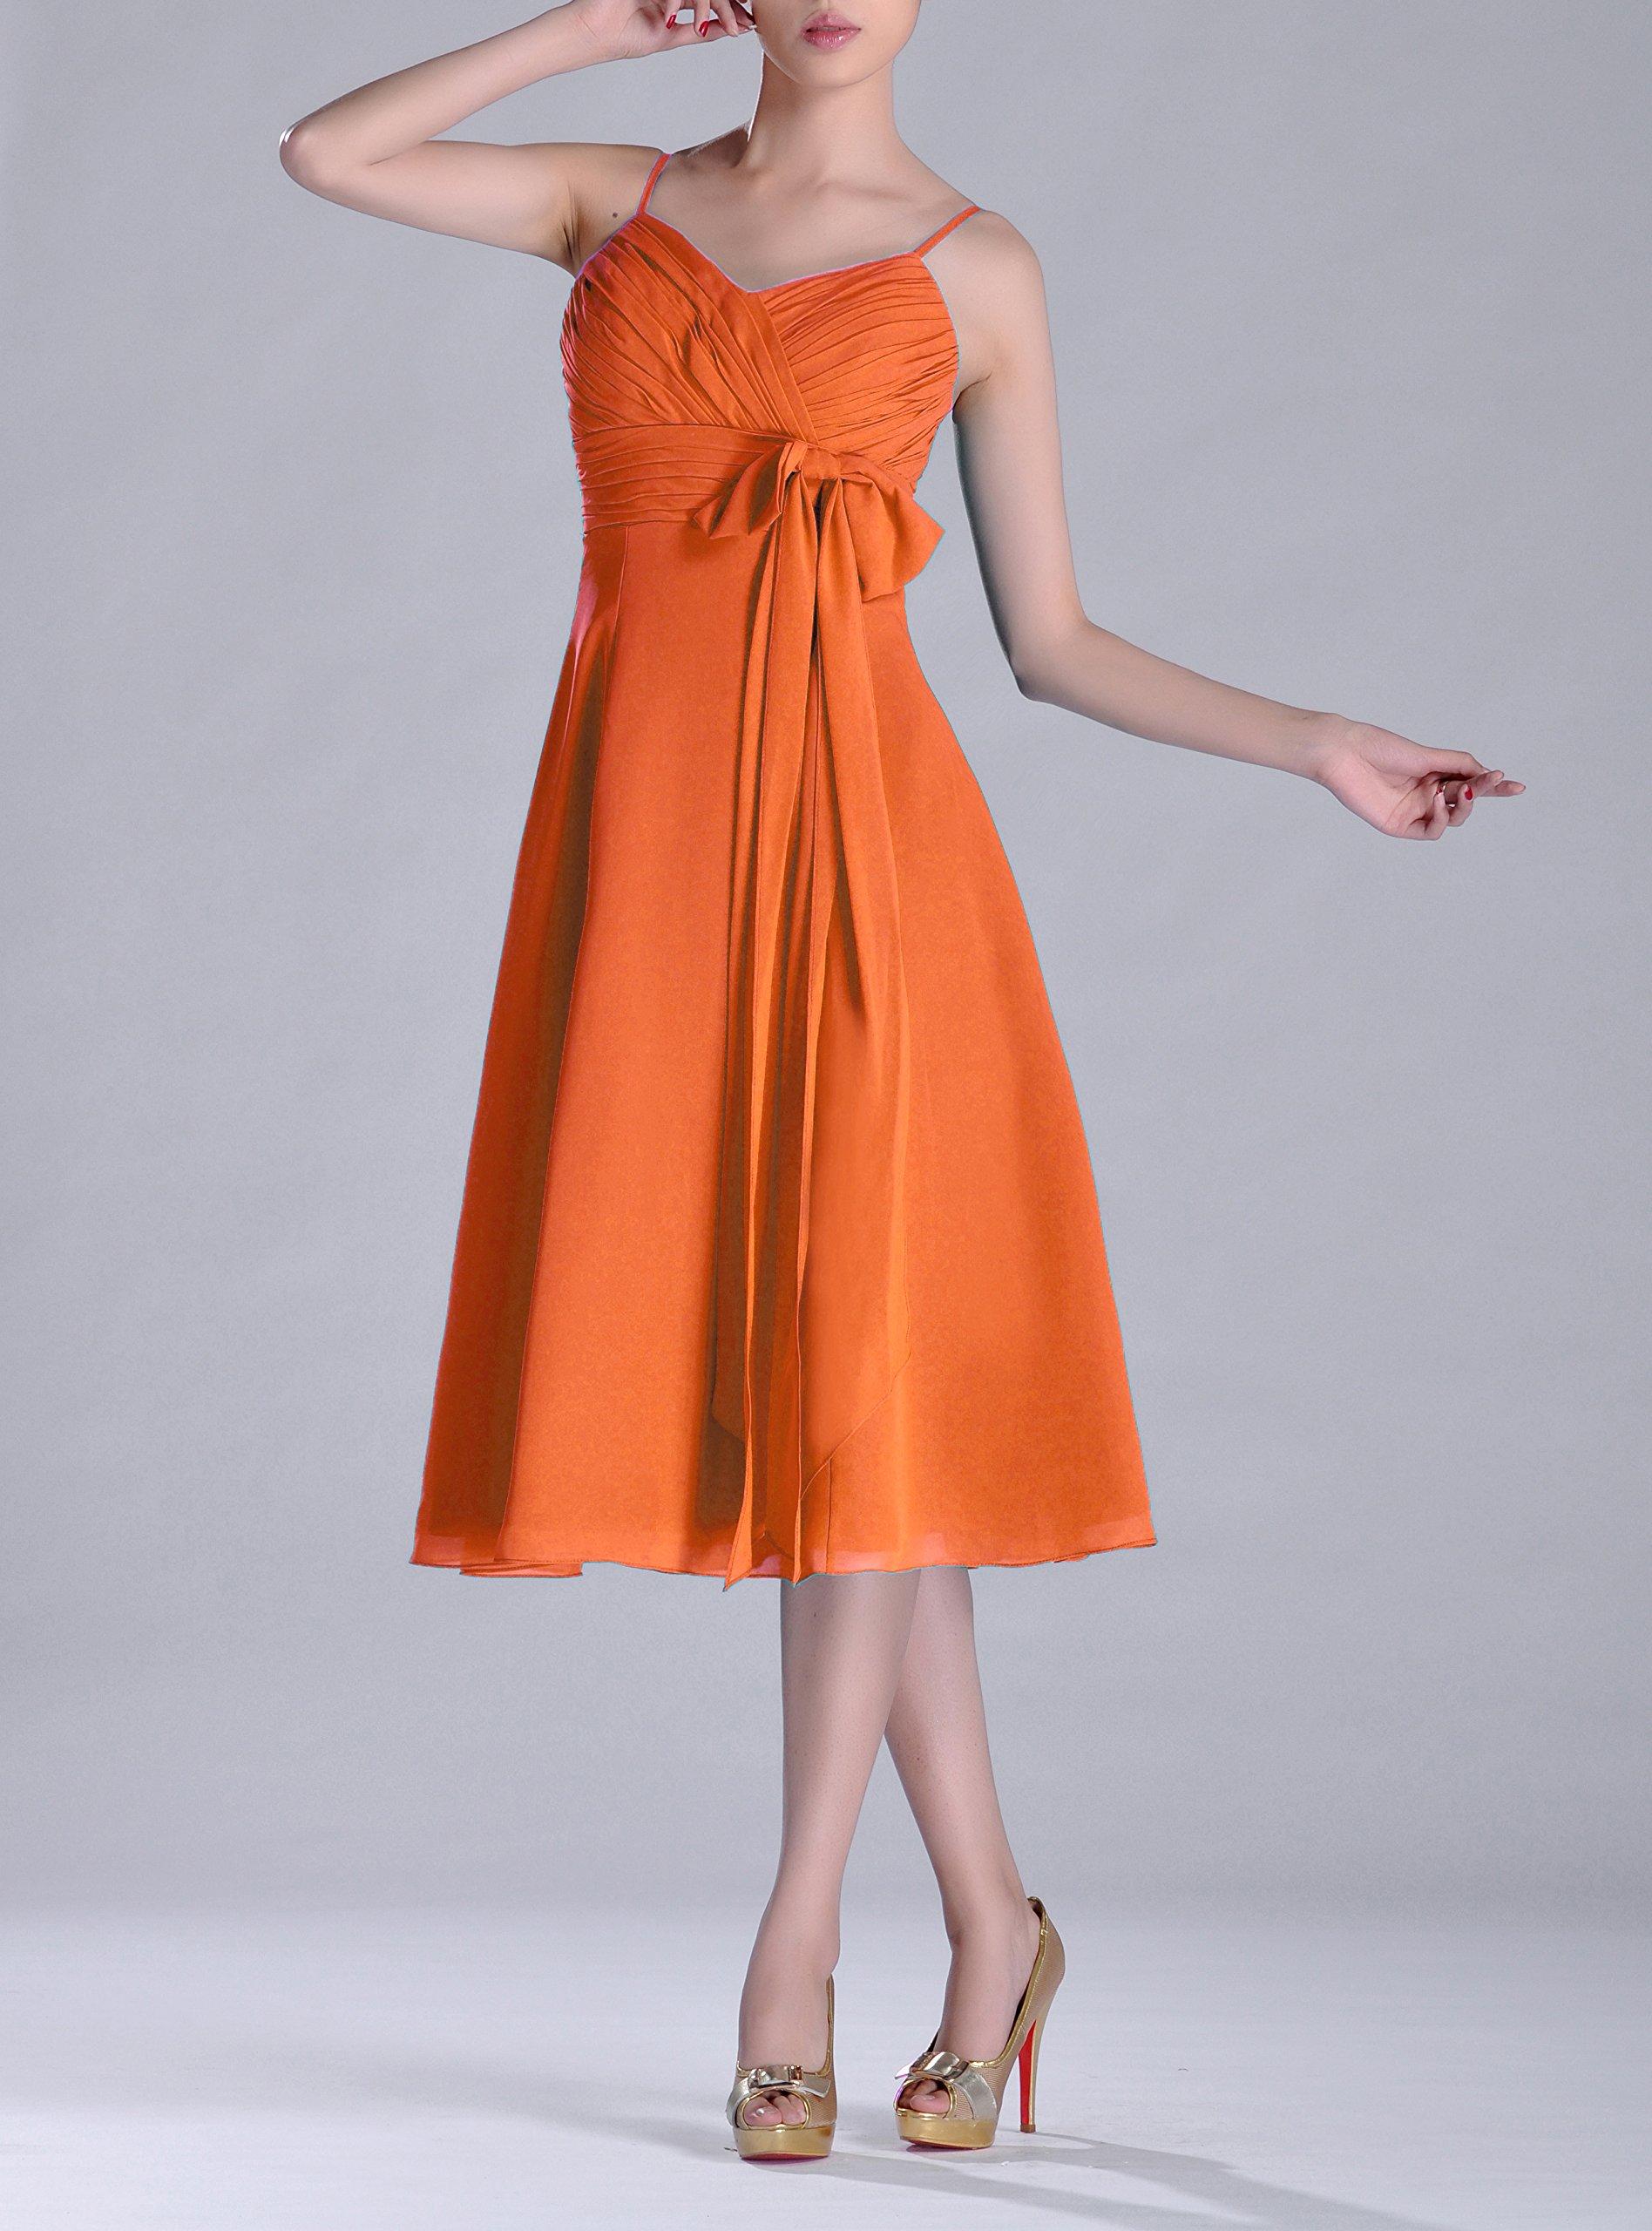 Adorona Homecoming Cocktail Junior A-line V-Neck Chiffon Modest Bridesmaid Dress Tea Length